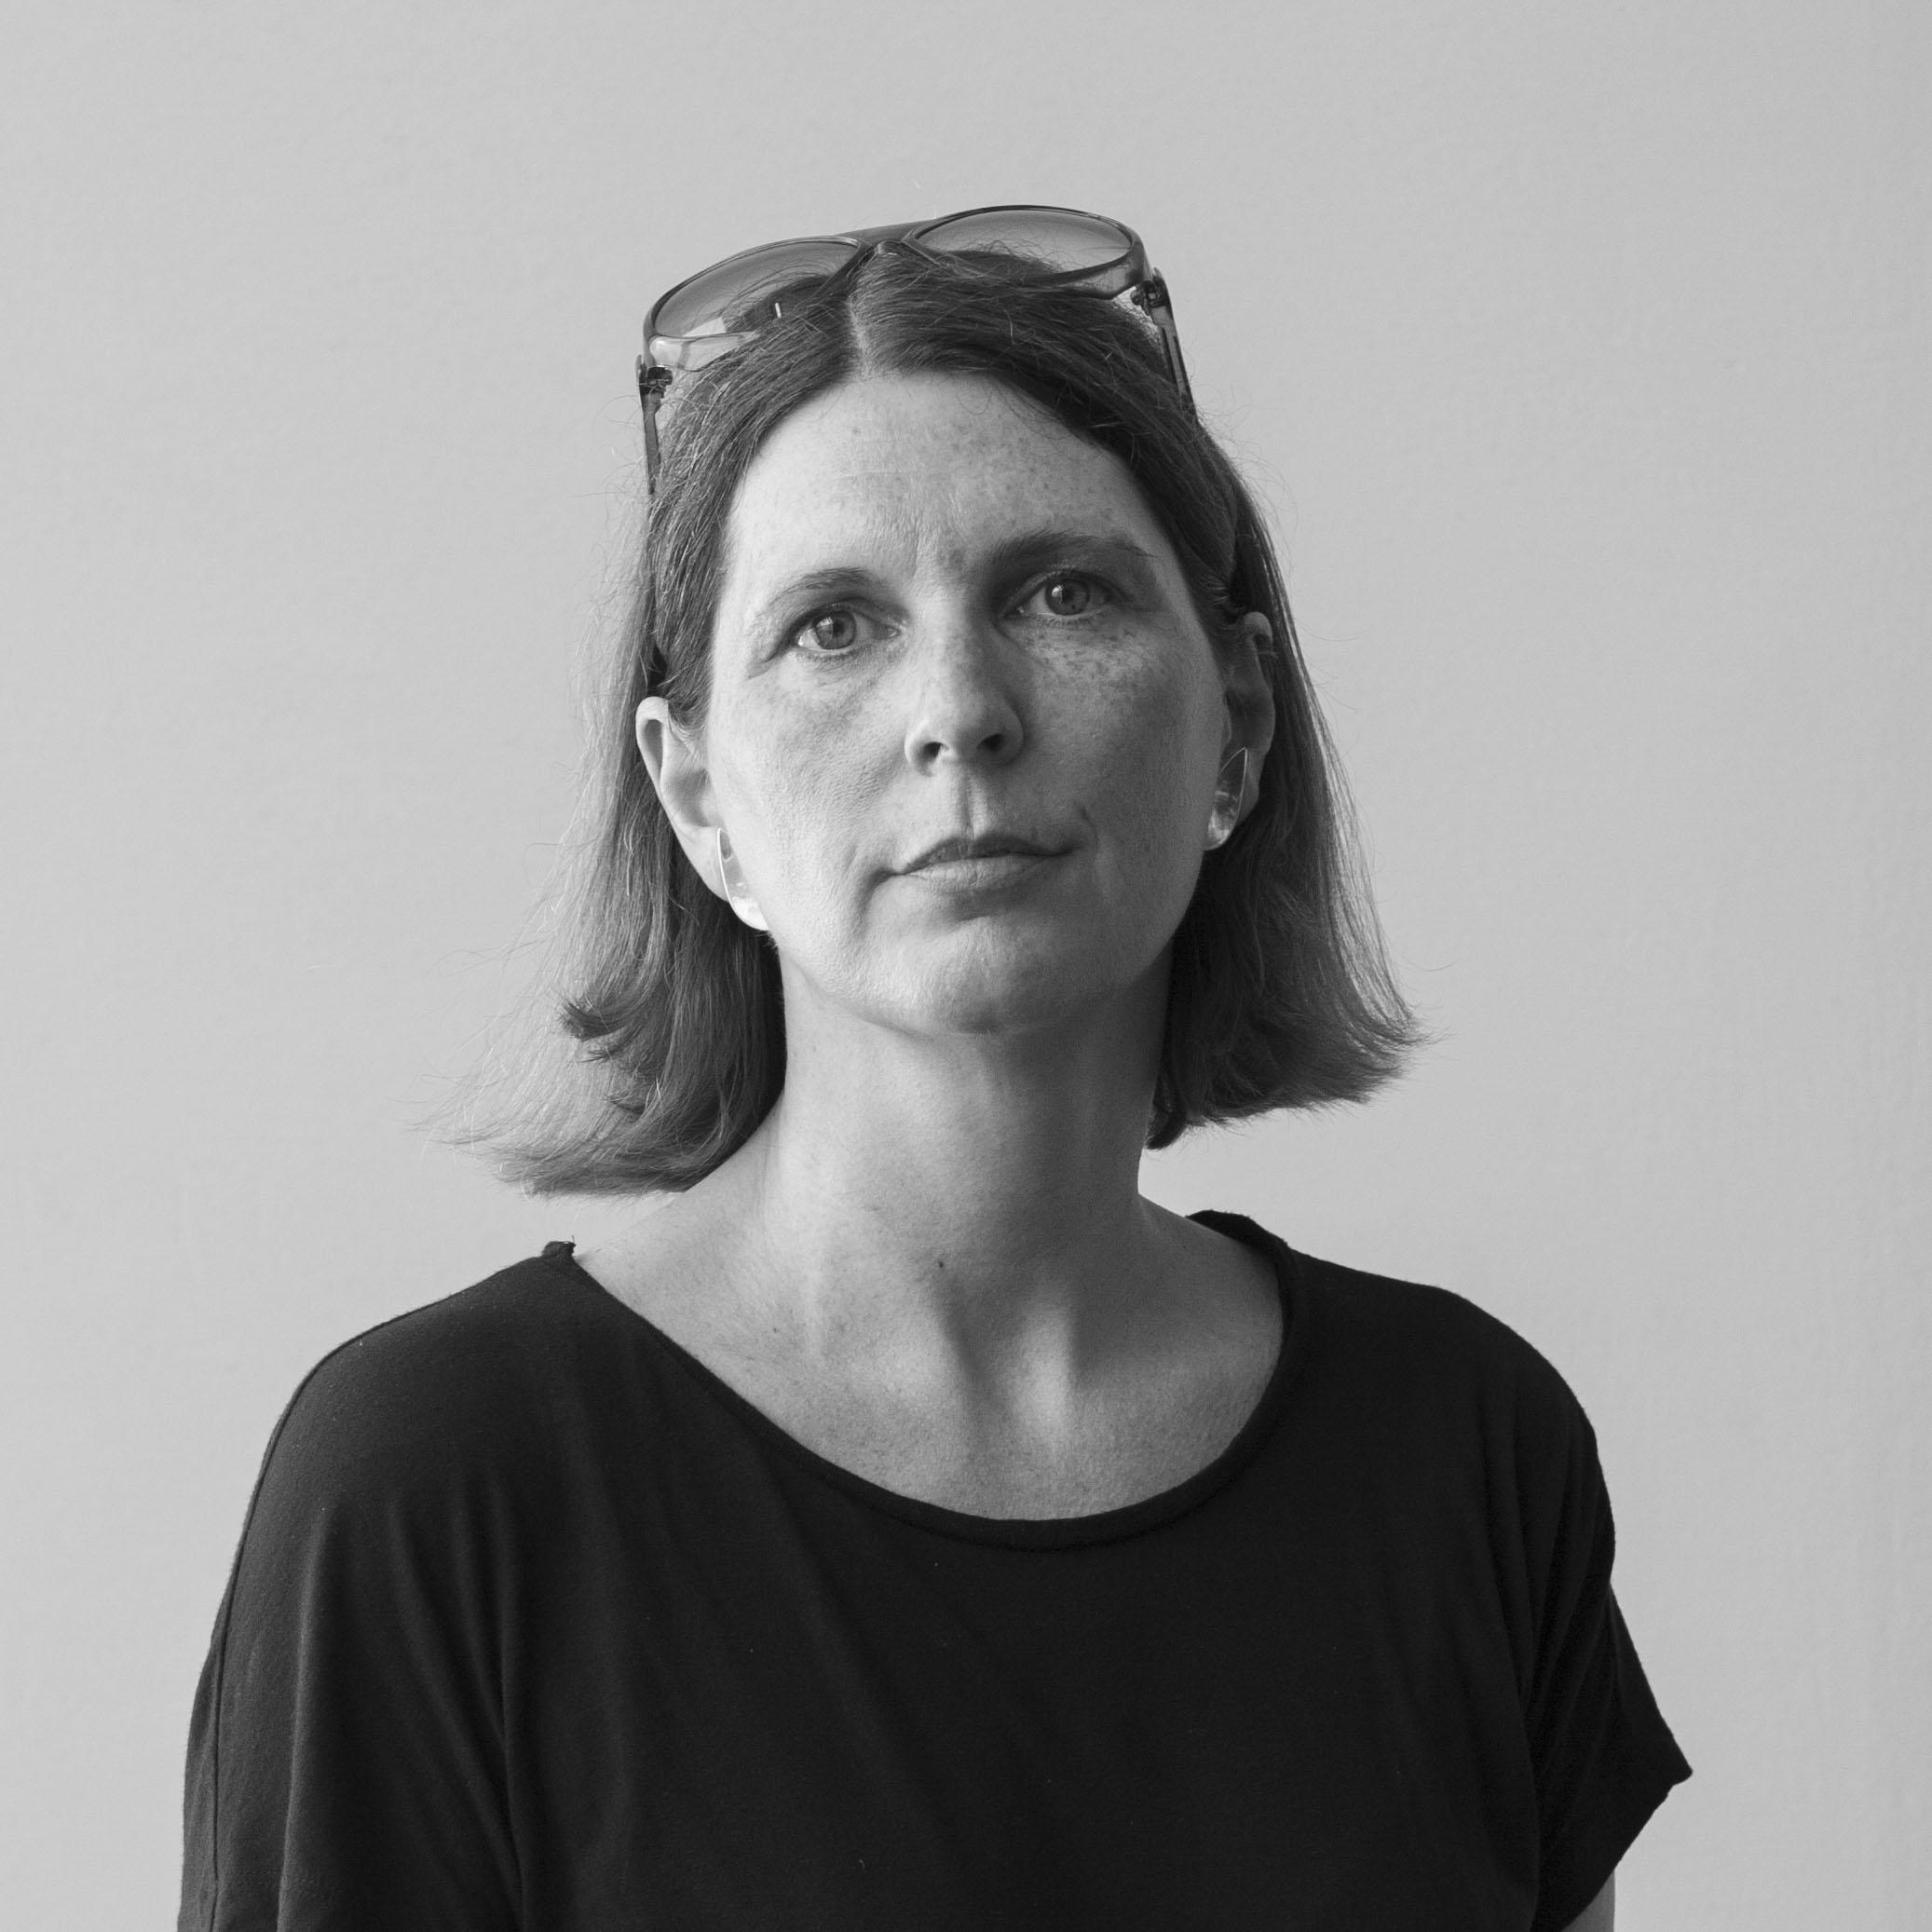 Cornelia Lund